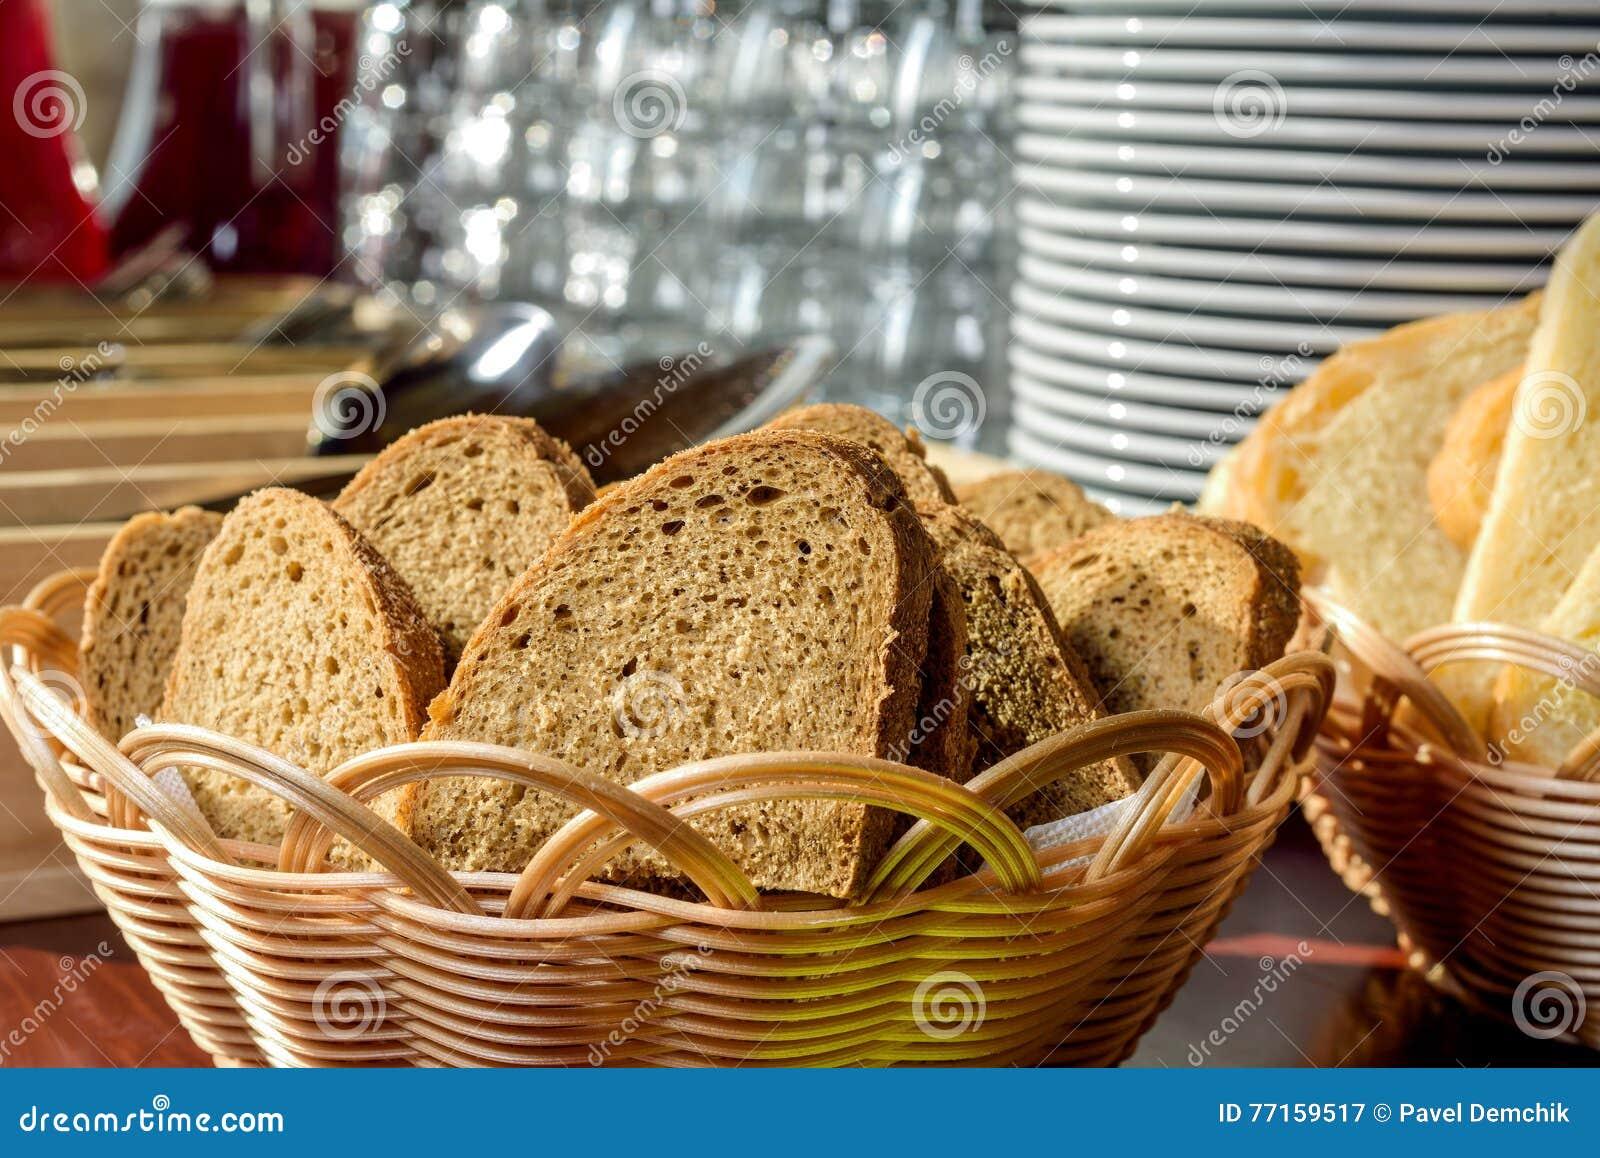 Pain dans une corbeille à pain en osier